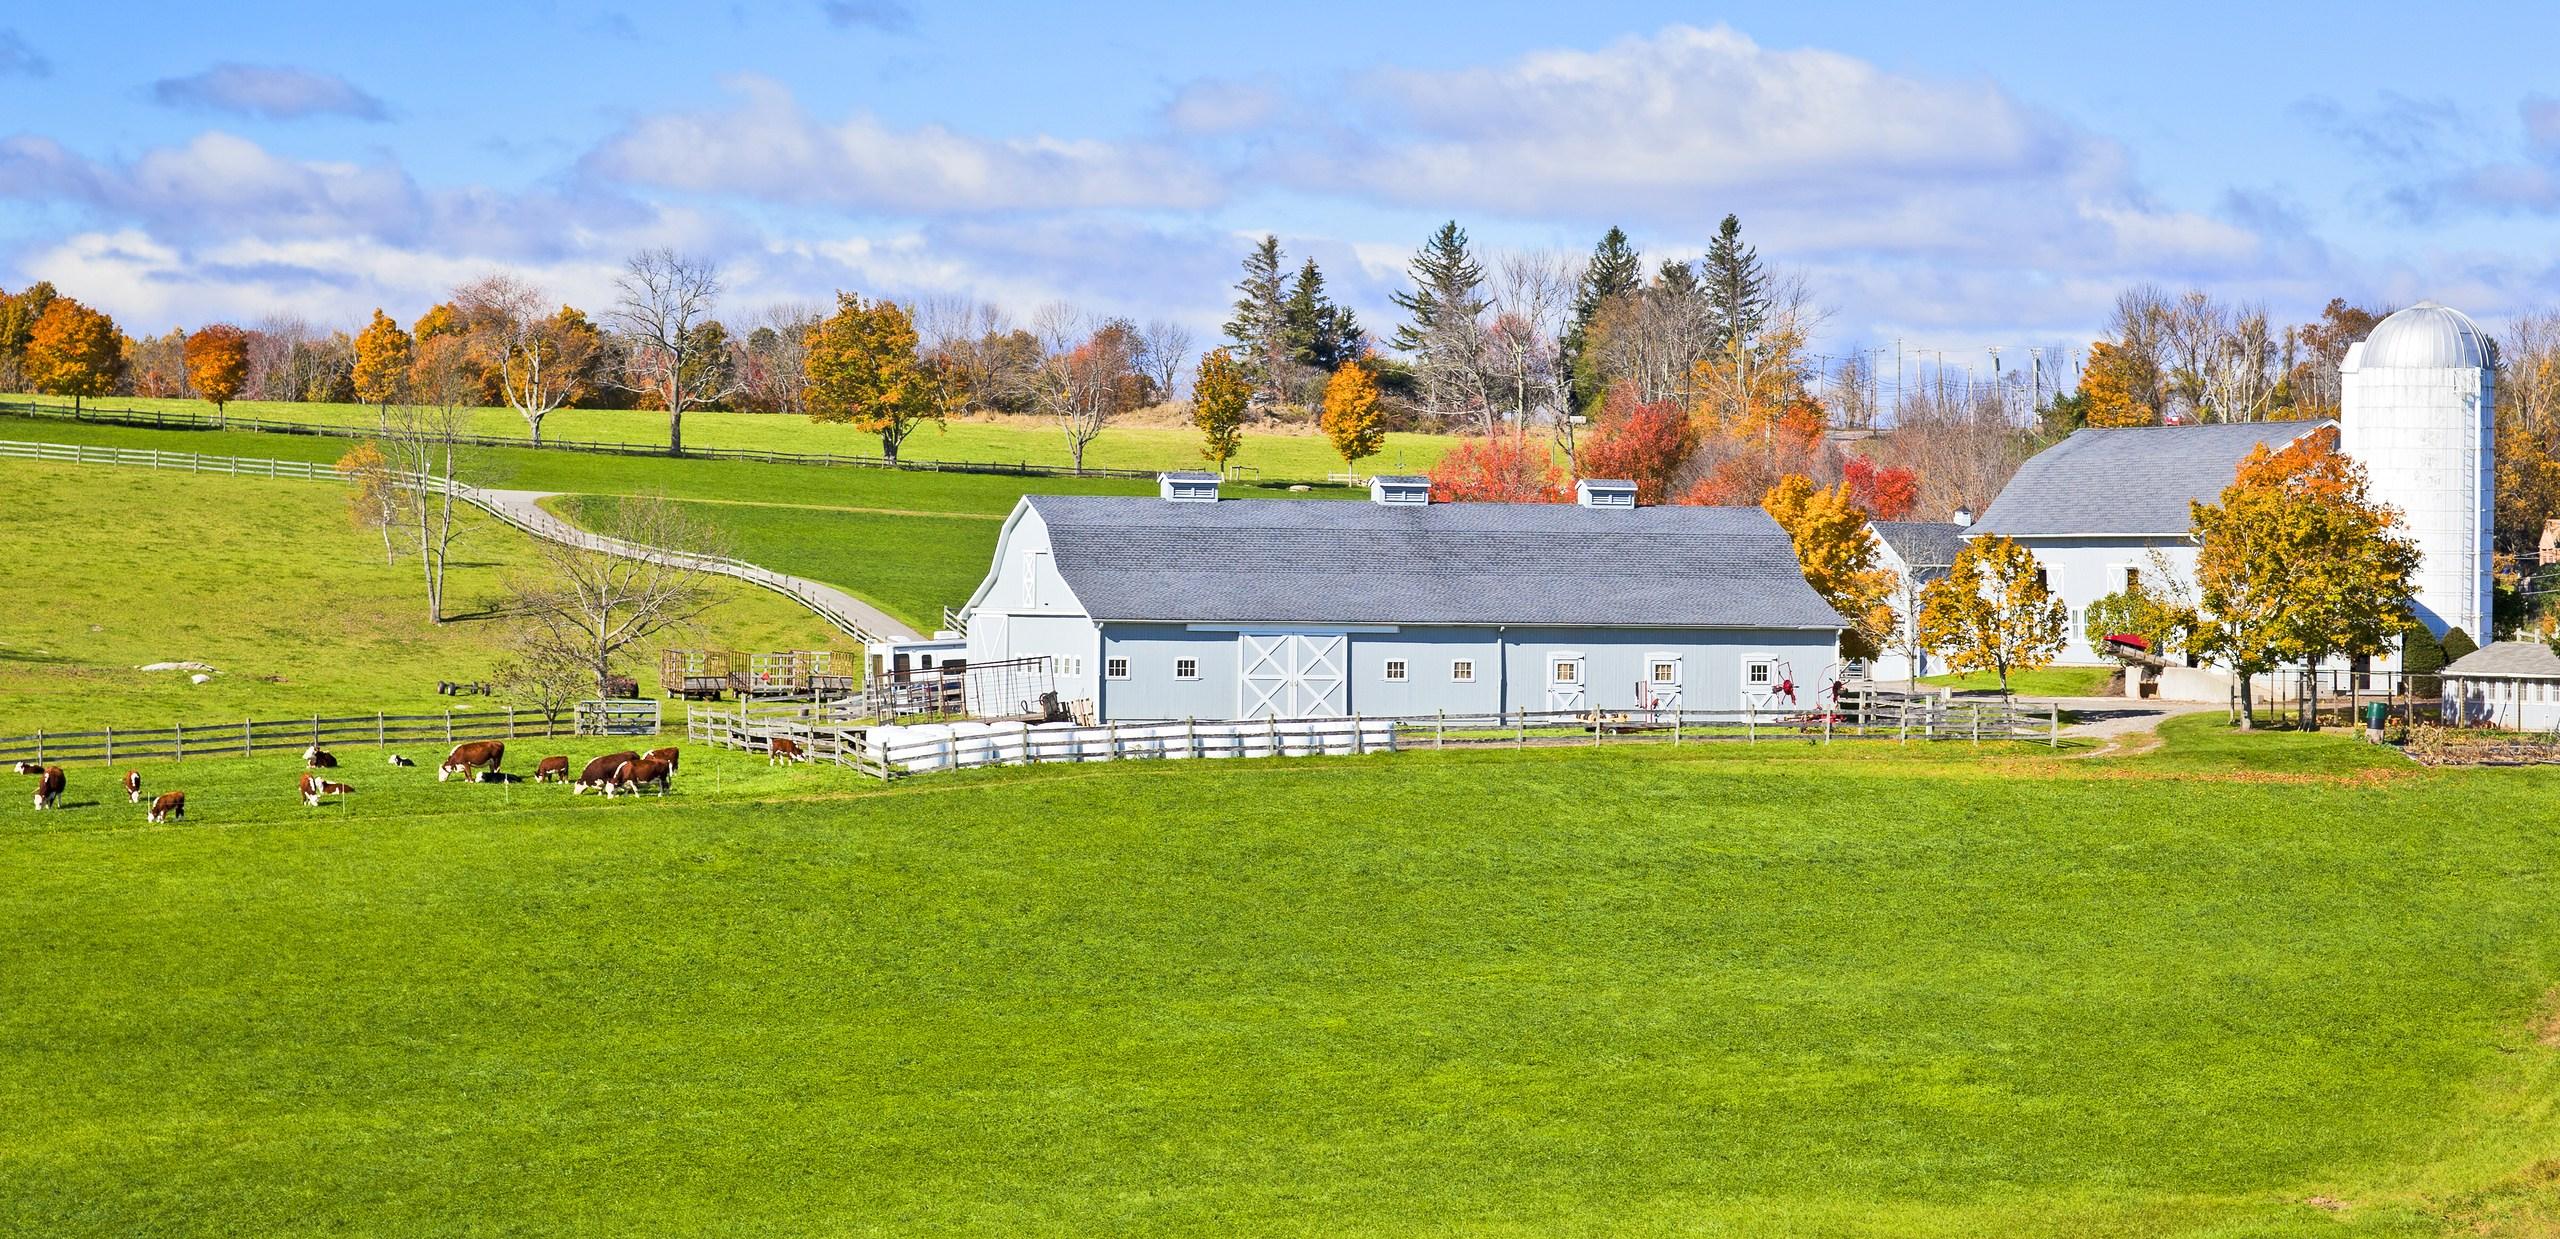 Farm Generic Farming Dairy Cows Barn